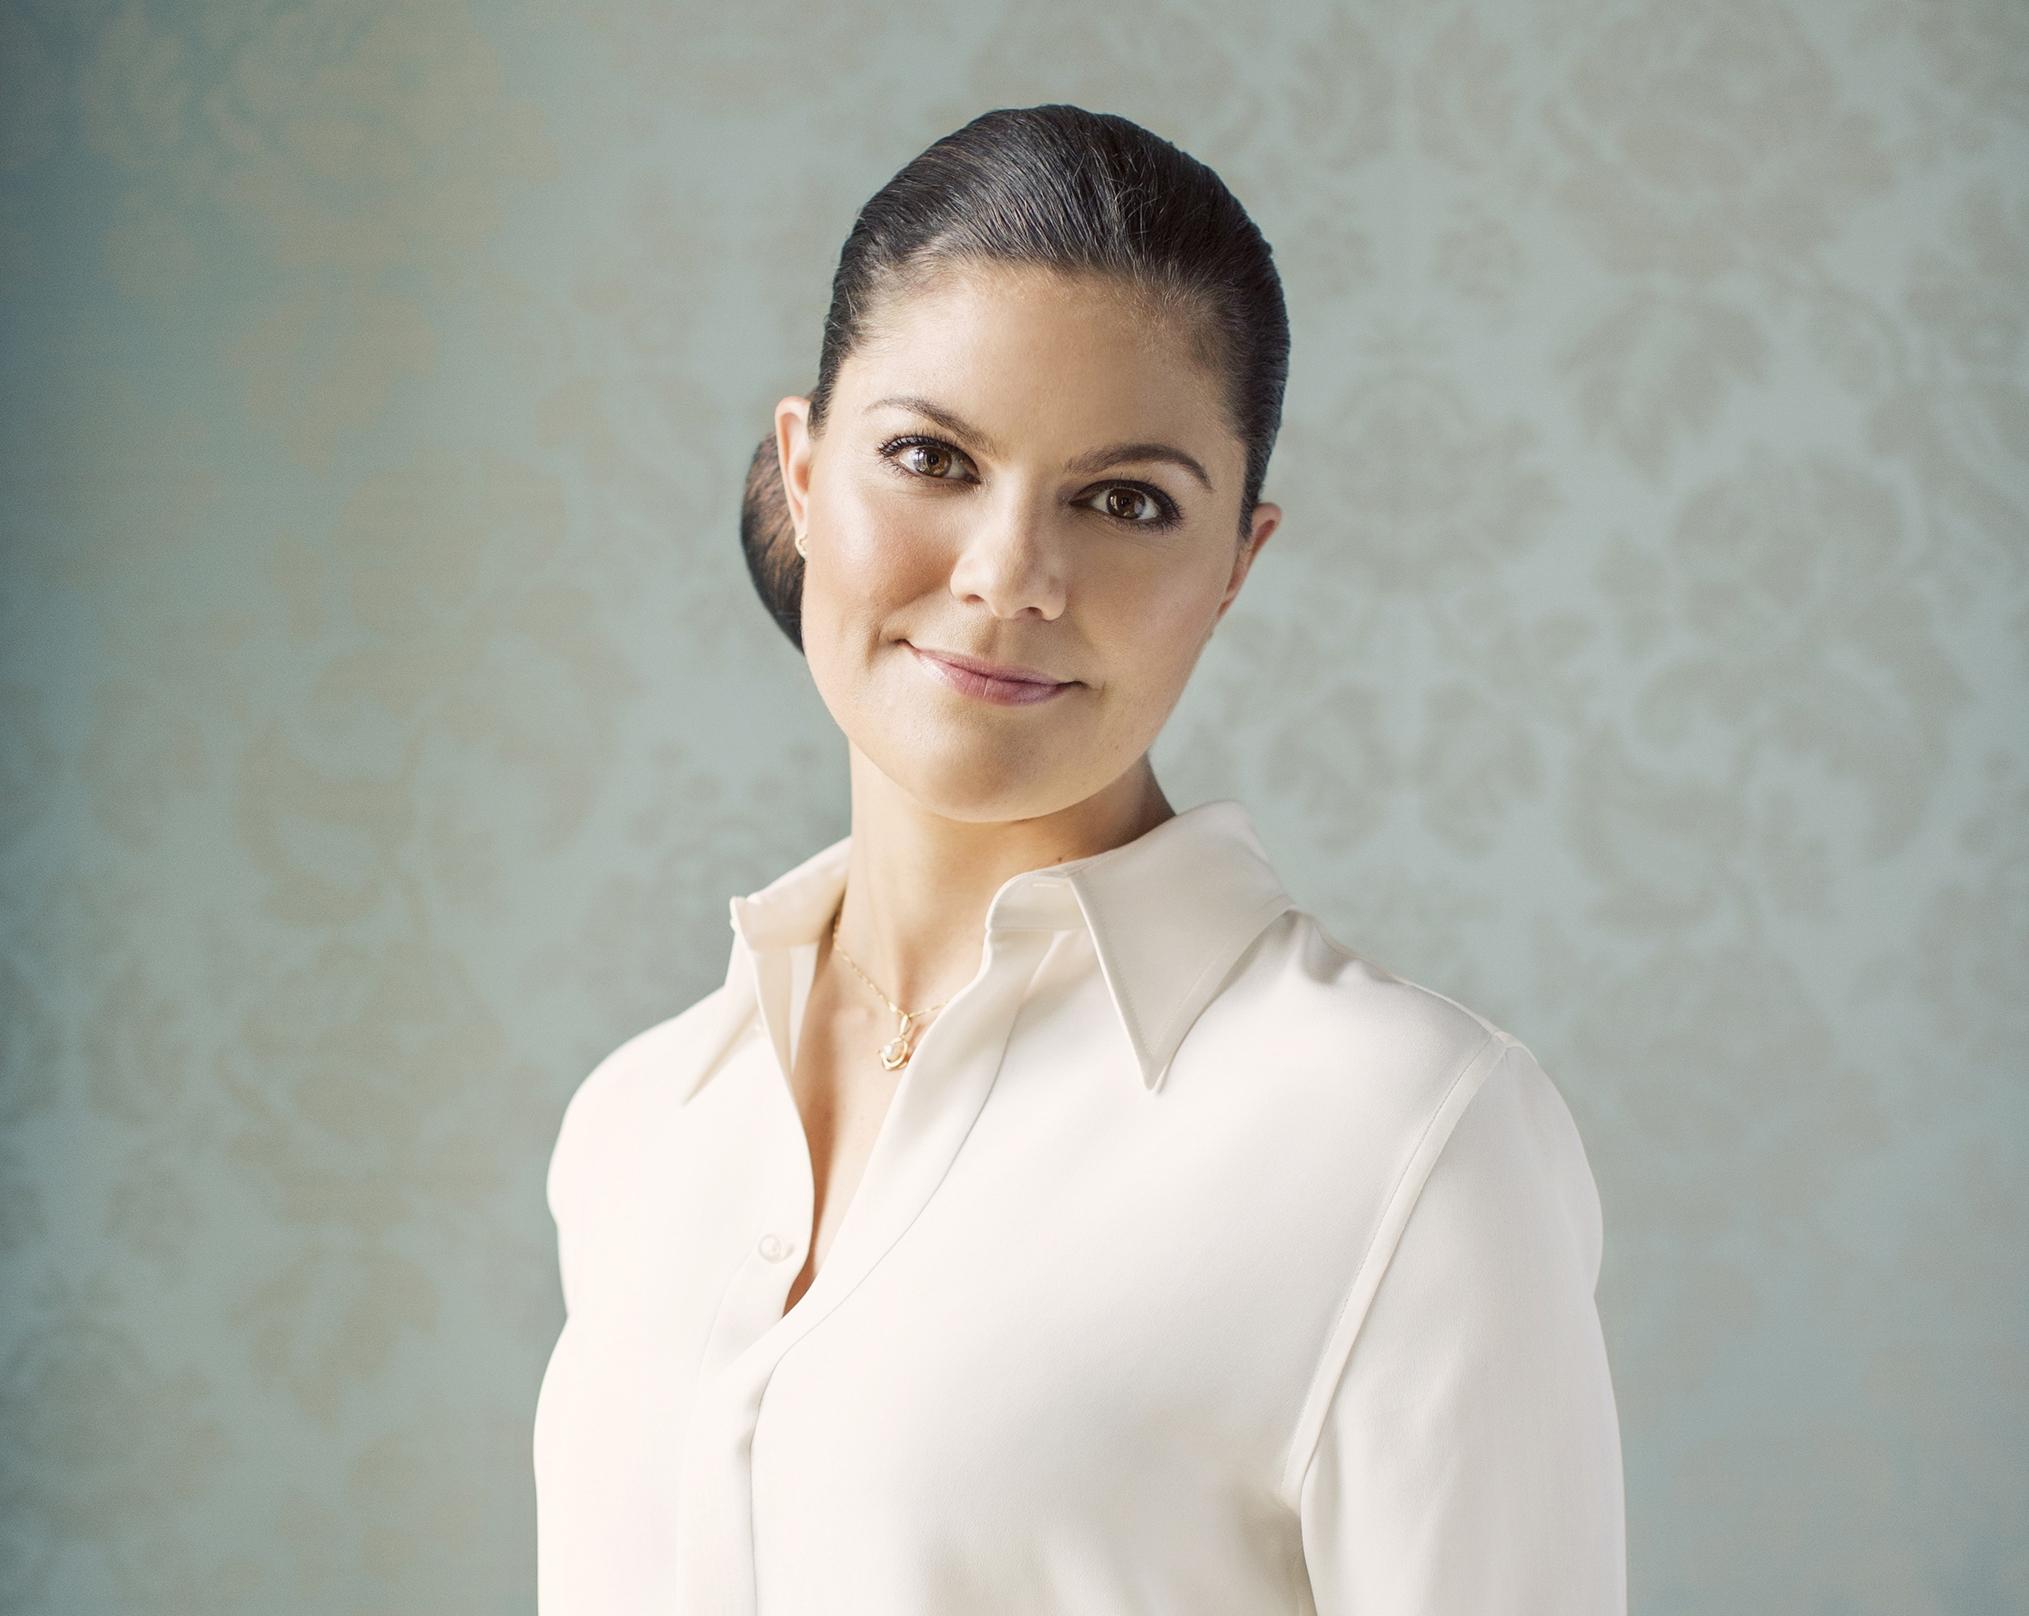 Viele Schweden hoffen, dass Victoria bald den Thron übernimmt.    Foto:Erika Gerdemark, Kungahuset.se